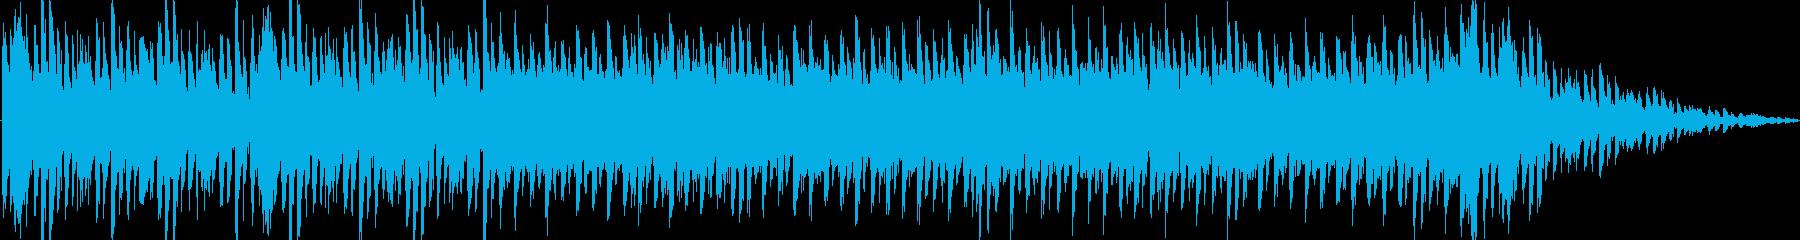 明るく、元気なイメージで、CM/ゲーム…の再生済みの波形